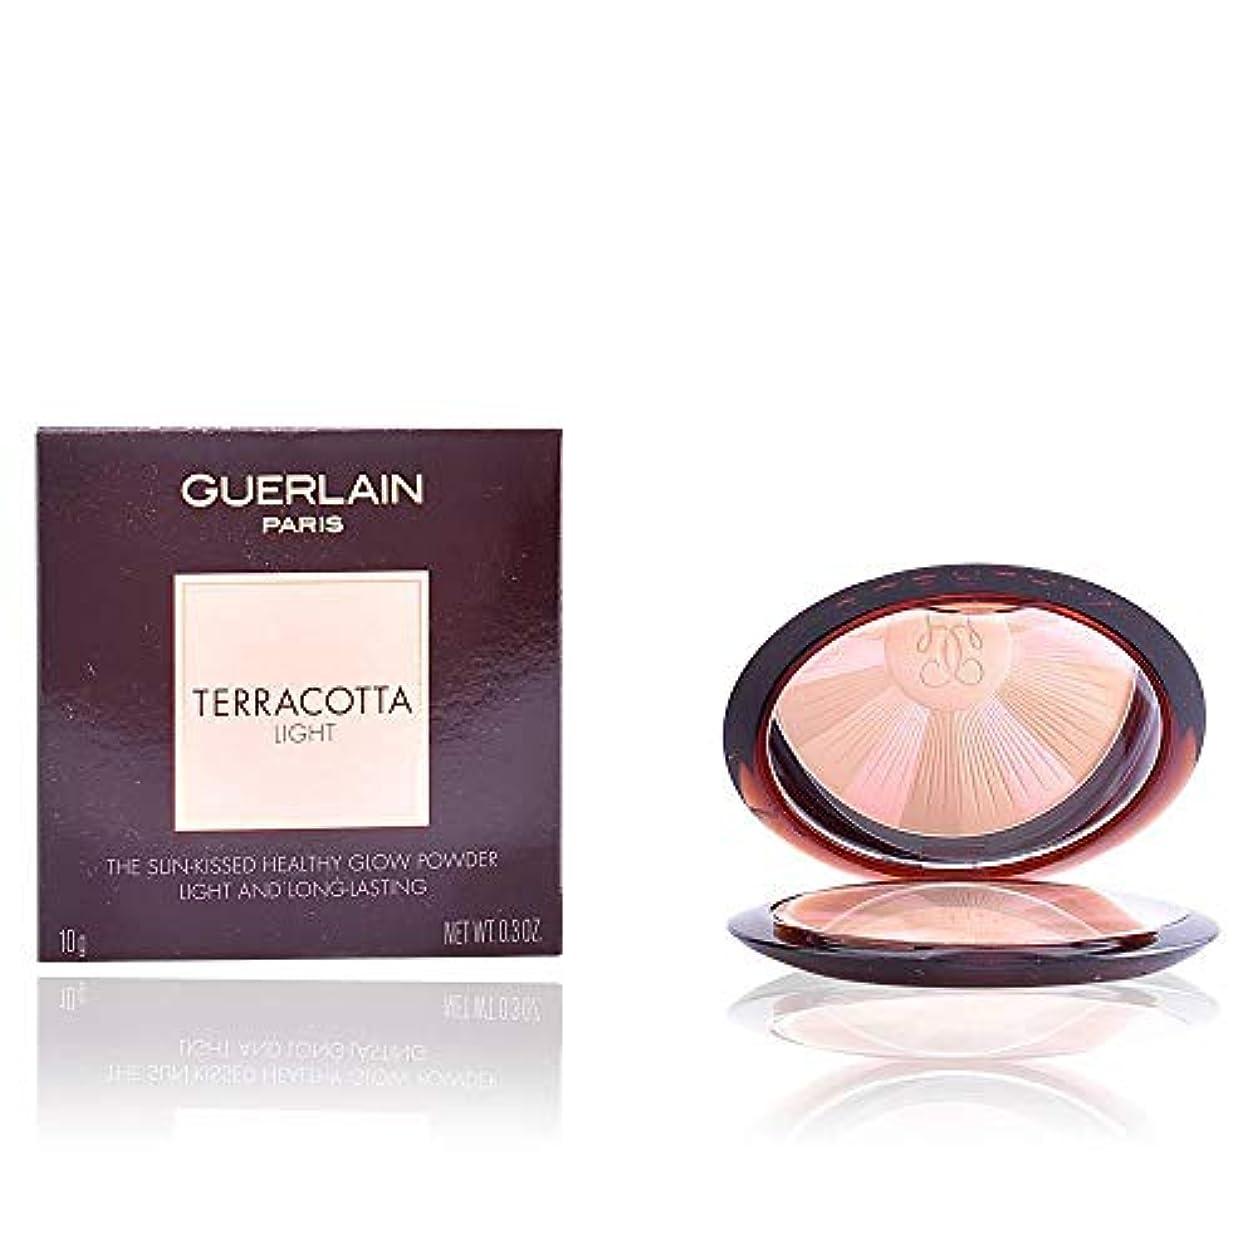 警察分離する志すゲラン Terracotta Light The Sun Kissed Healthy Glow Powder - # 03 Natural Warm 10g/0.3oz並行輸入品